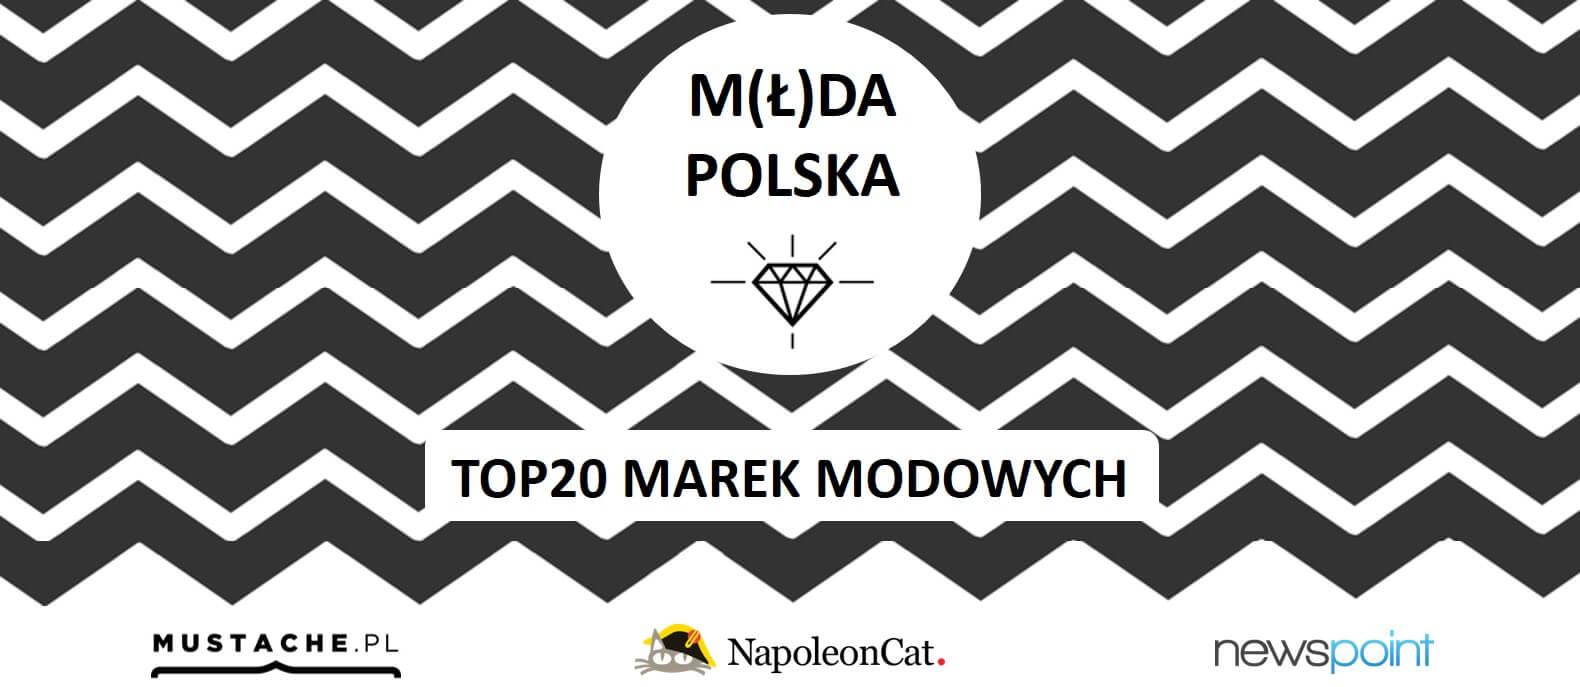 Raport_polskich_marek_modowych_w_social_media_Newspoint